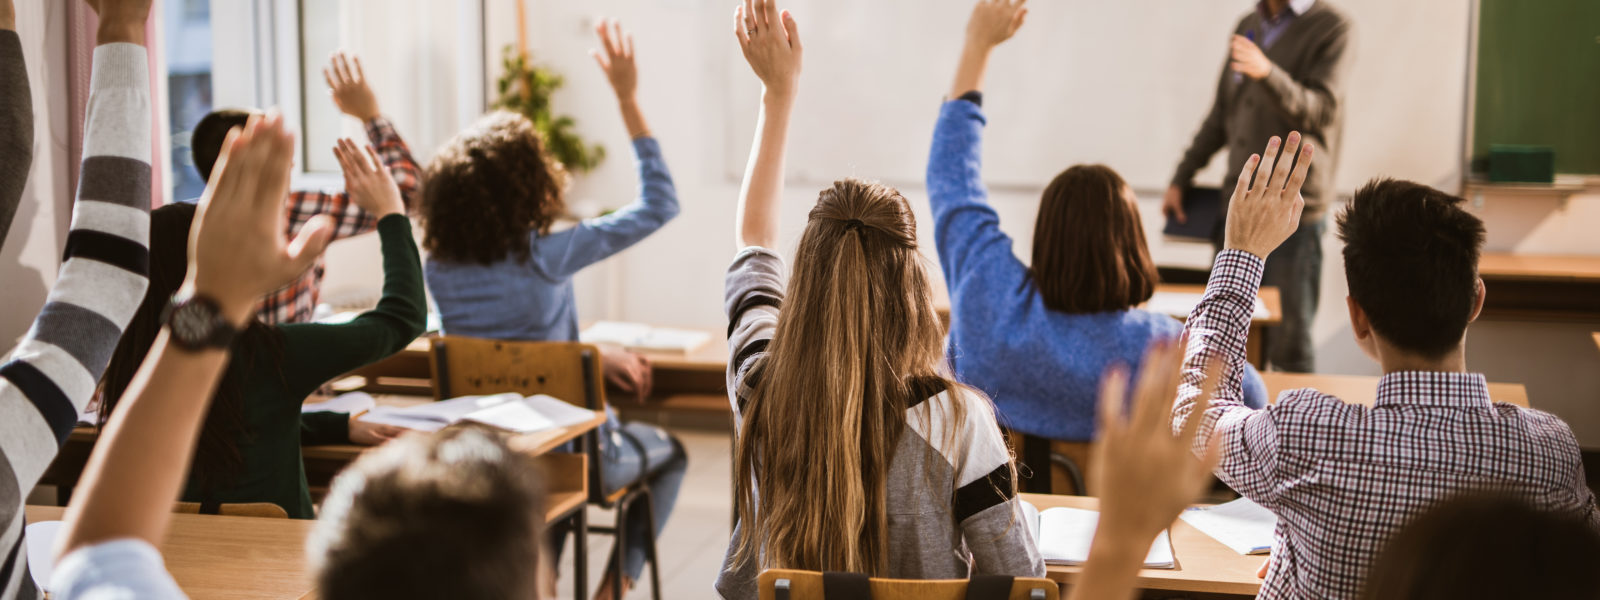 Radzenie sobie ze stresem jako skuteczna ochrona przed ryzykownymi zachowaniami młodych ludzi (alkohol, narkotyki, przemoc)